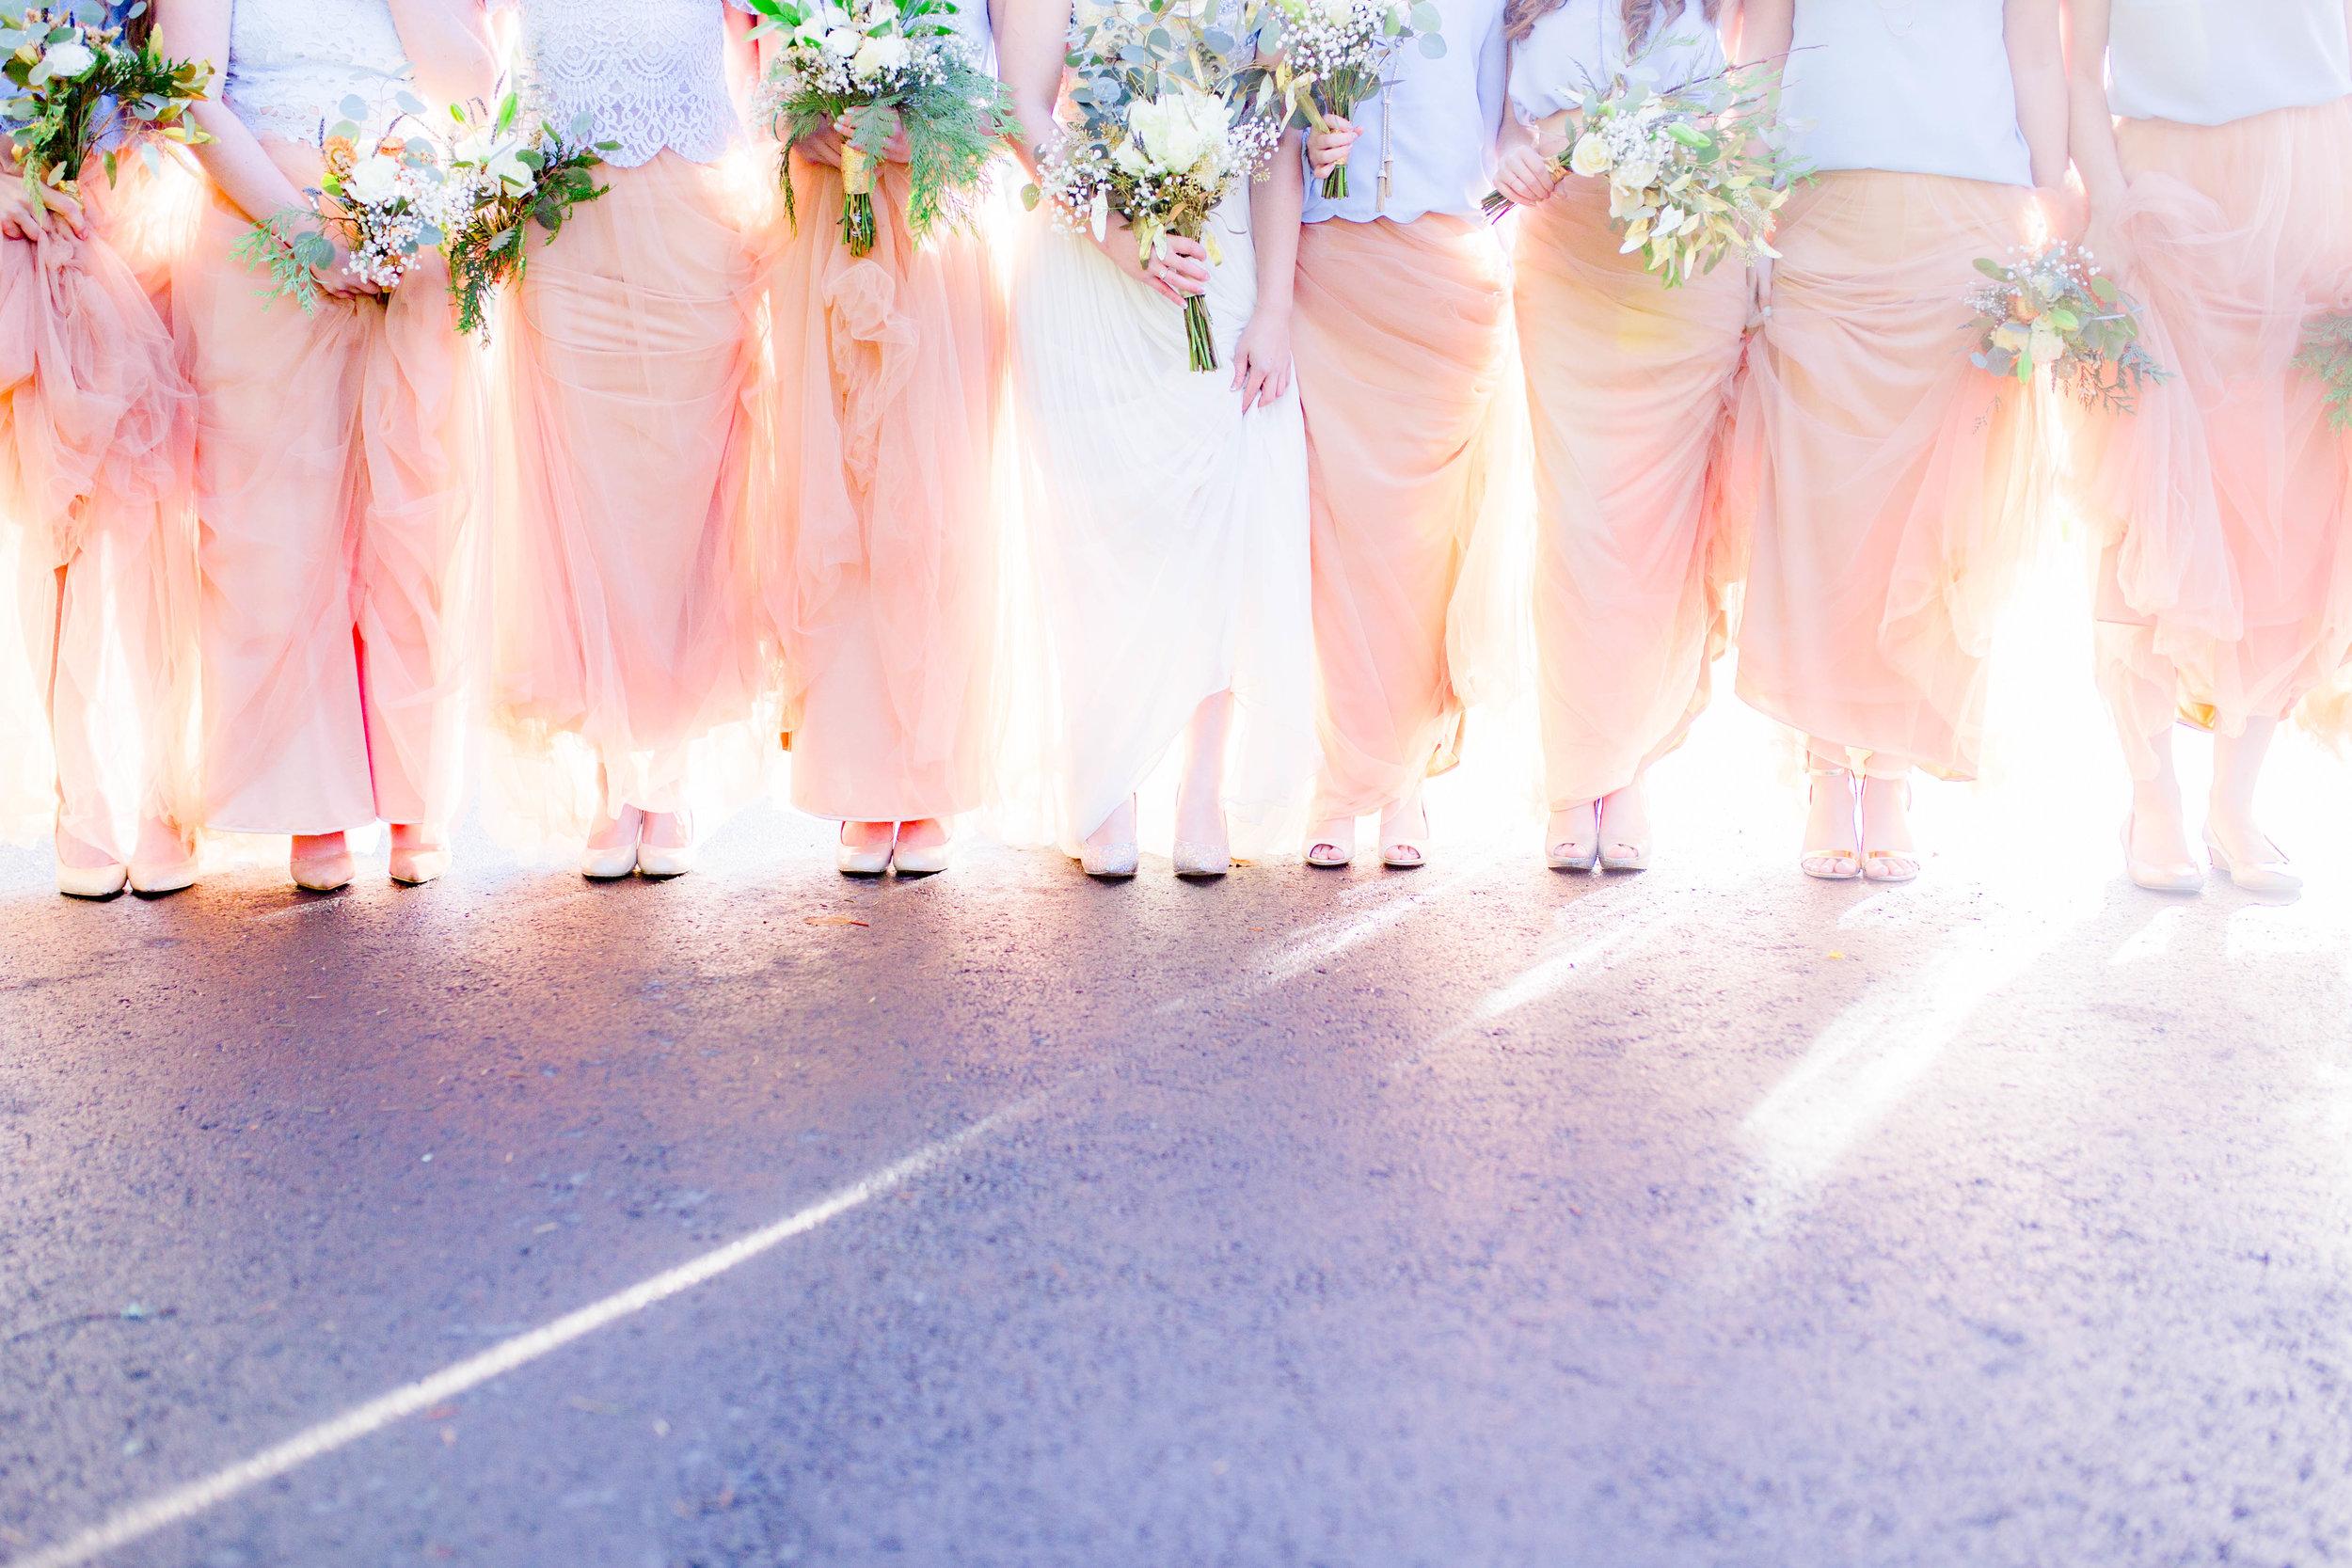 Bridesmaids bouquets, wedding flowers, bridesmaids shoes